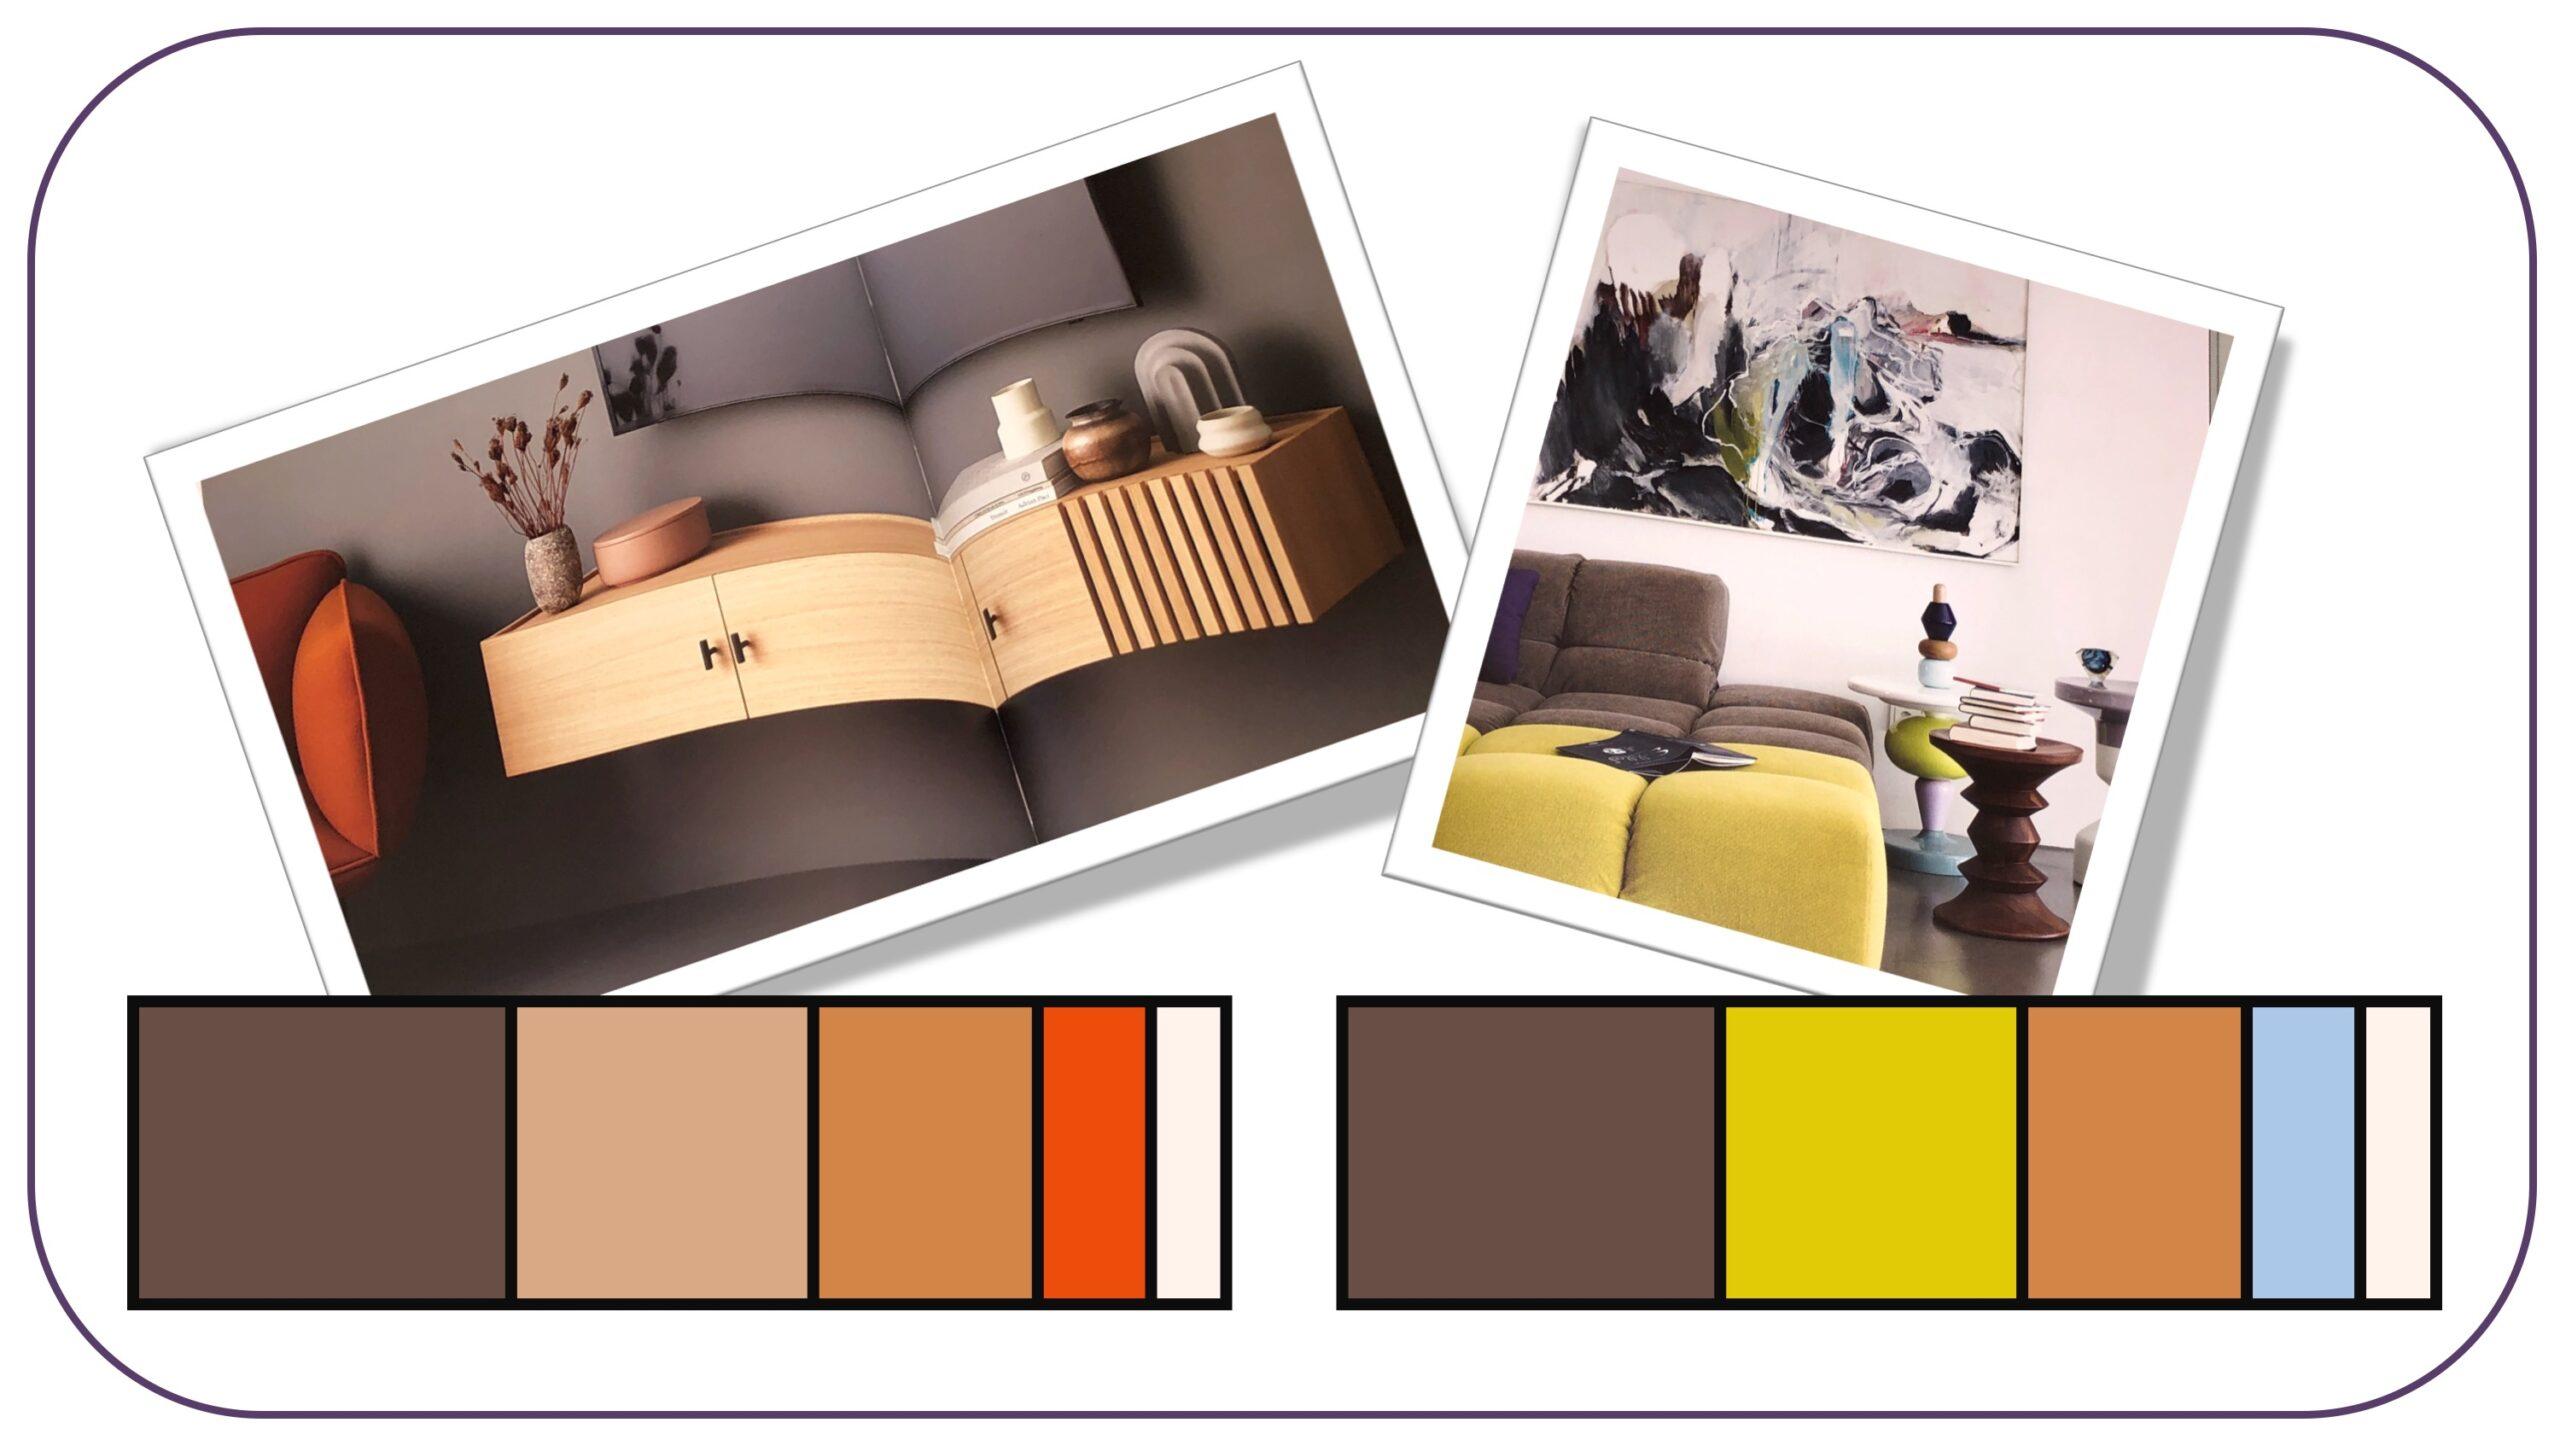 Stil-Inspiration für Modemutige: Farbkonzepte